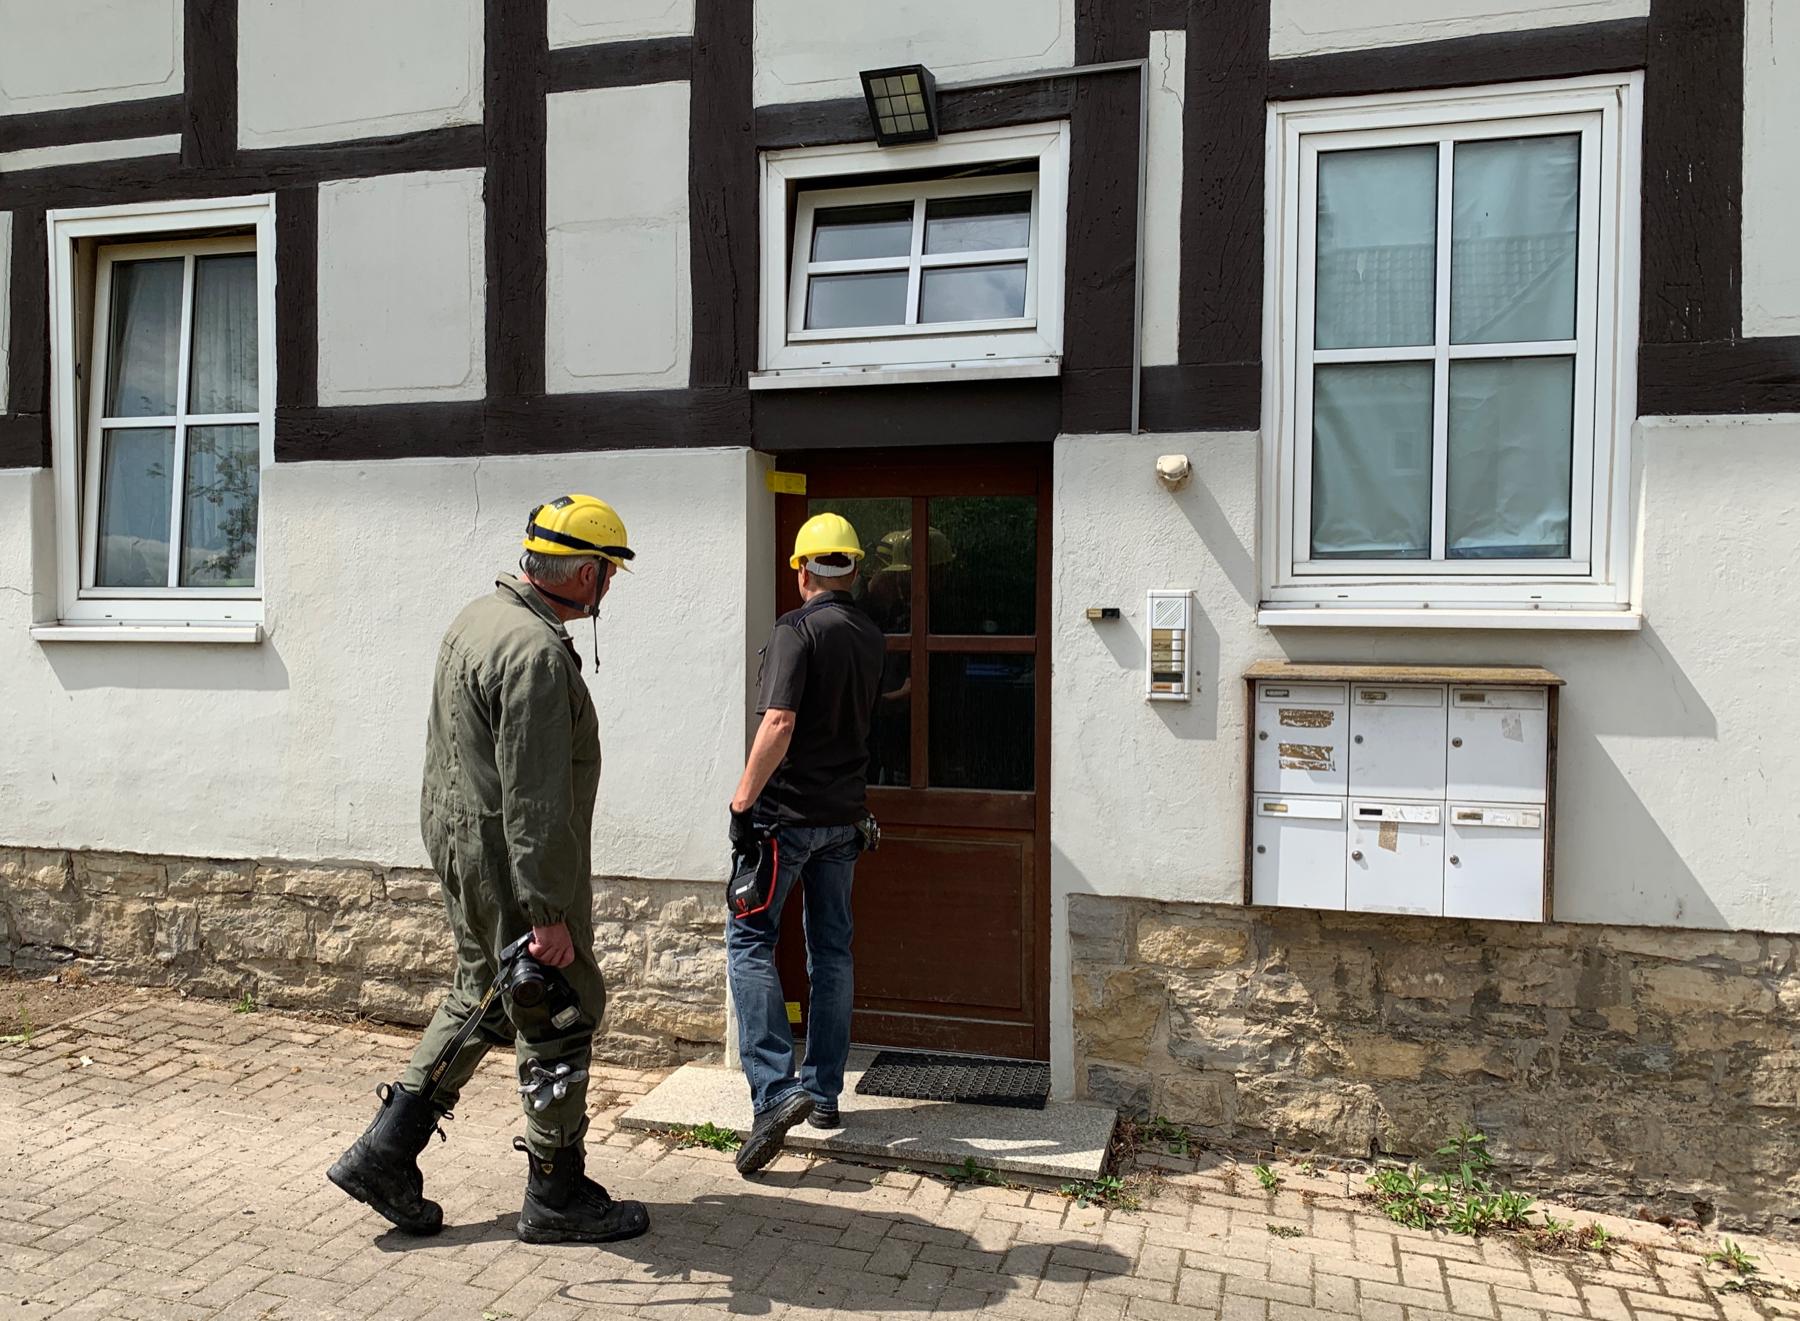 Tatortermittler der Kripo betreten am Donnerstag (01.08.19) das versiegelte Brandhaus (Foto: n112.de/Stefan Simonsen)